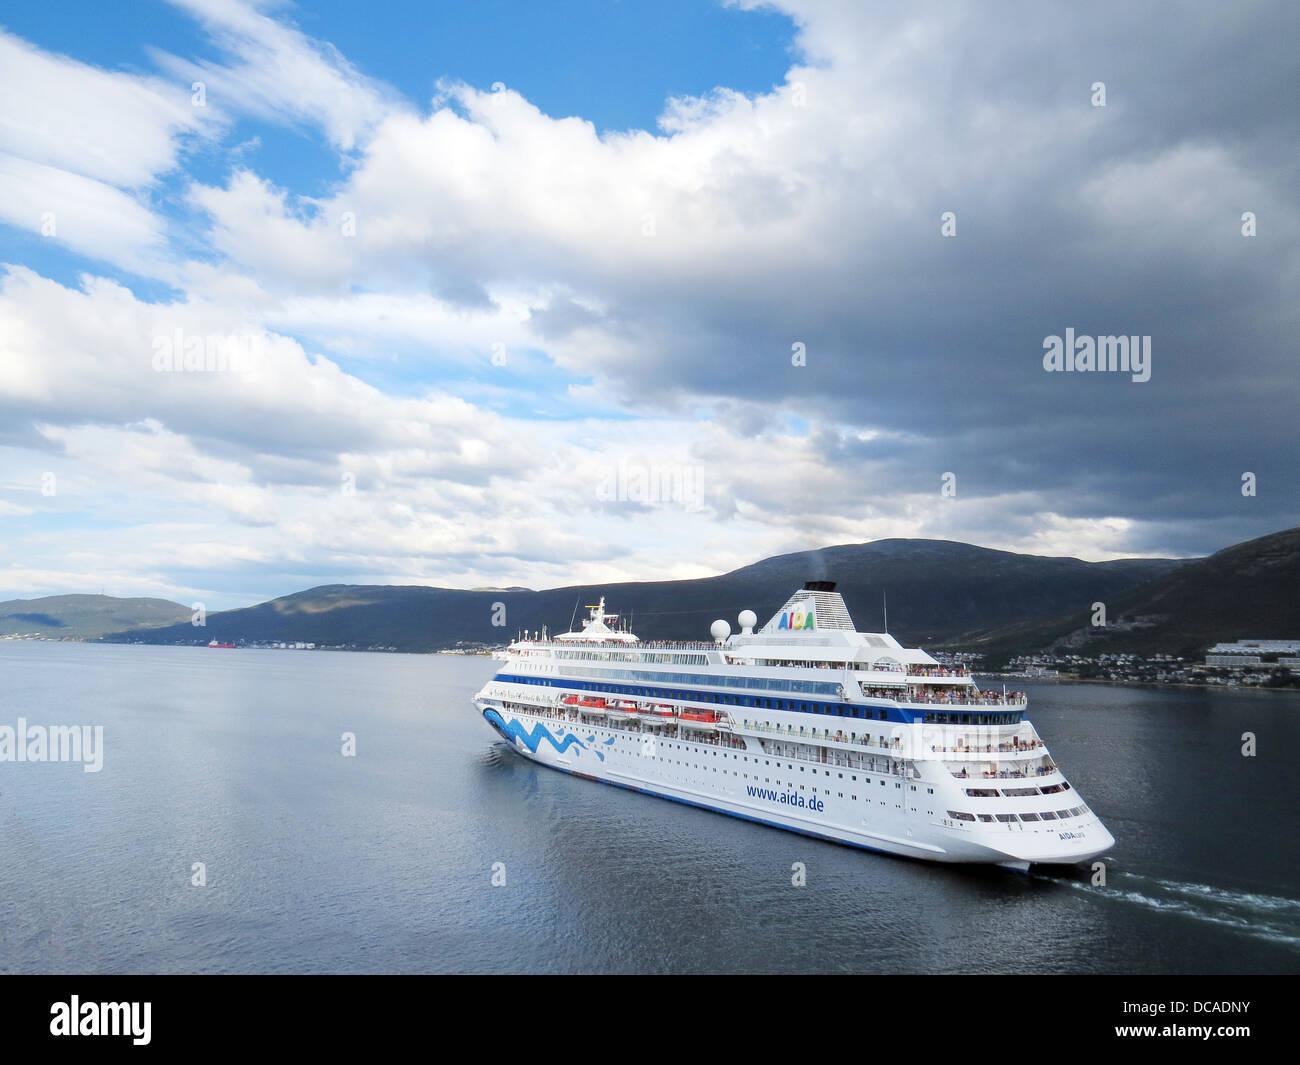 AIDA Cara crucero alemán en aguas noruegas en 2013. Foto Tony Gale Imagen De Stock